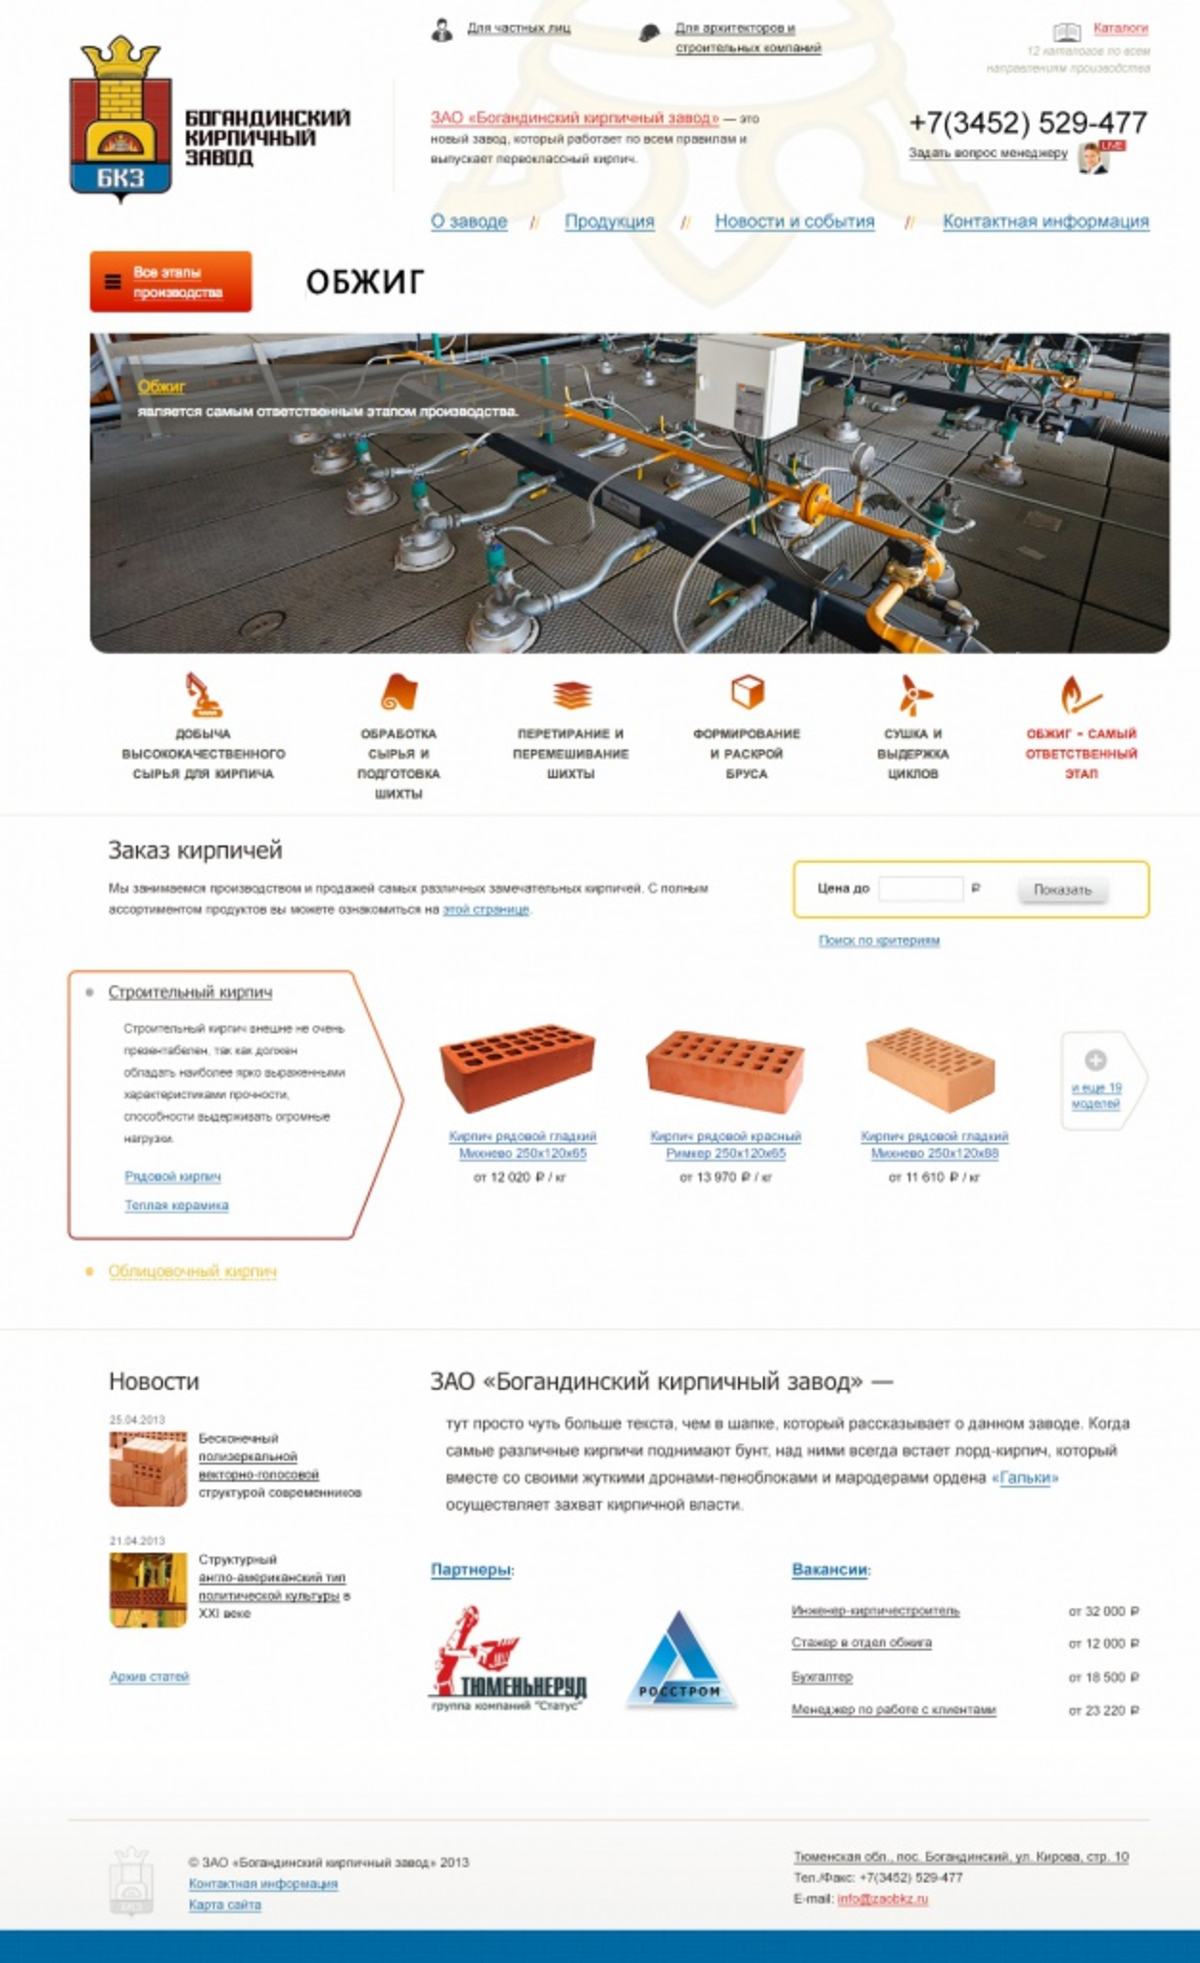 Корп сайт Богандинского кирпичного завода / Проект компании DEMTEAM digital agency